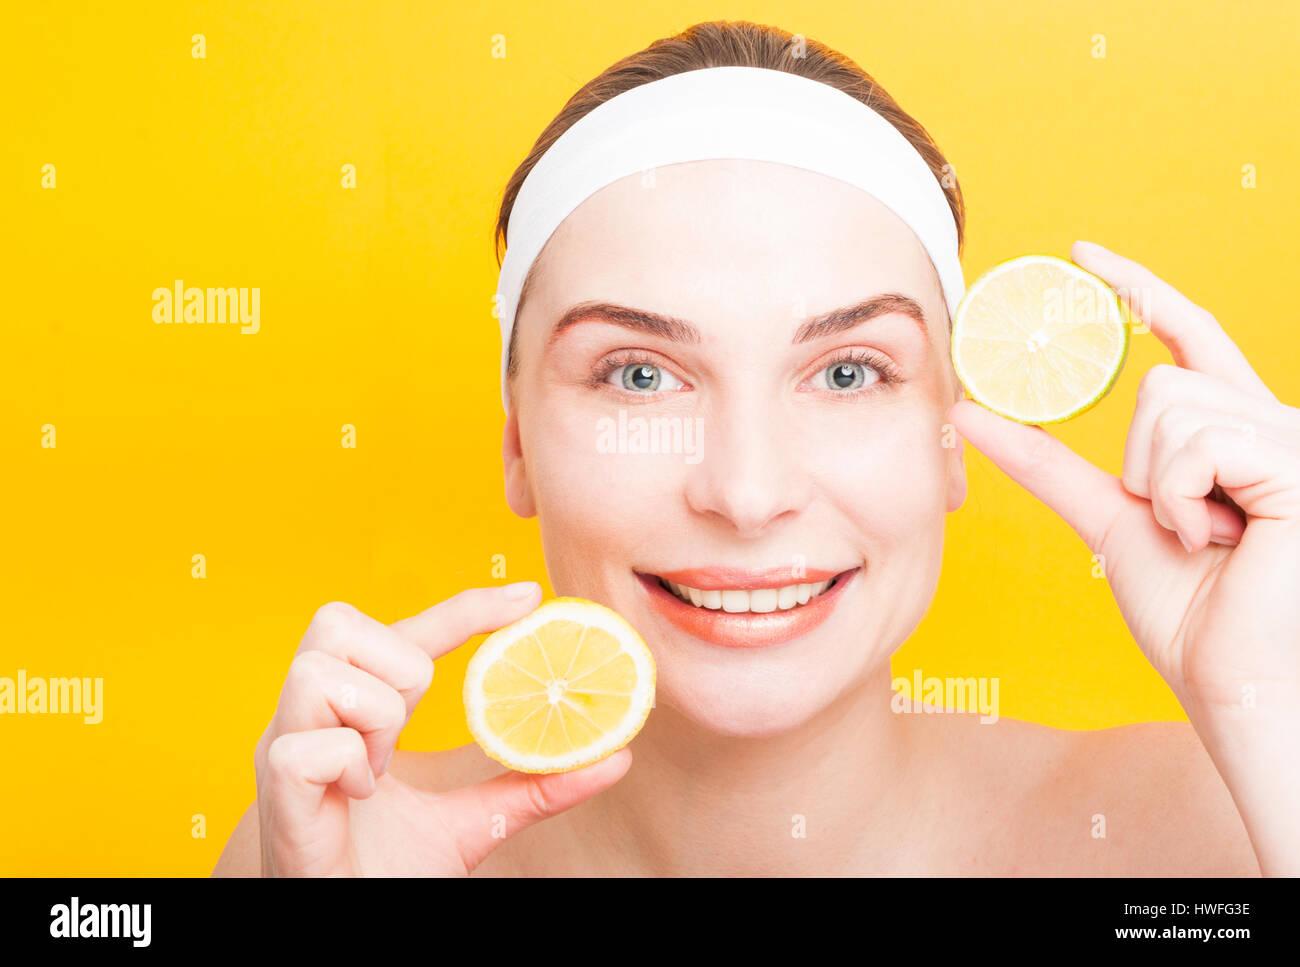 Haut Pflege und Schönheit Konzept mit fröhliche Frau, die Scheiben der Zitrone und Limone auf gelbem Hintergrund Stockbild